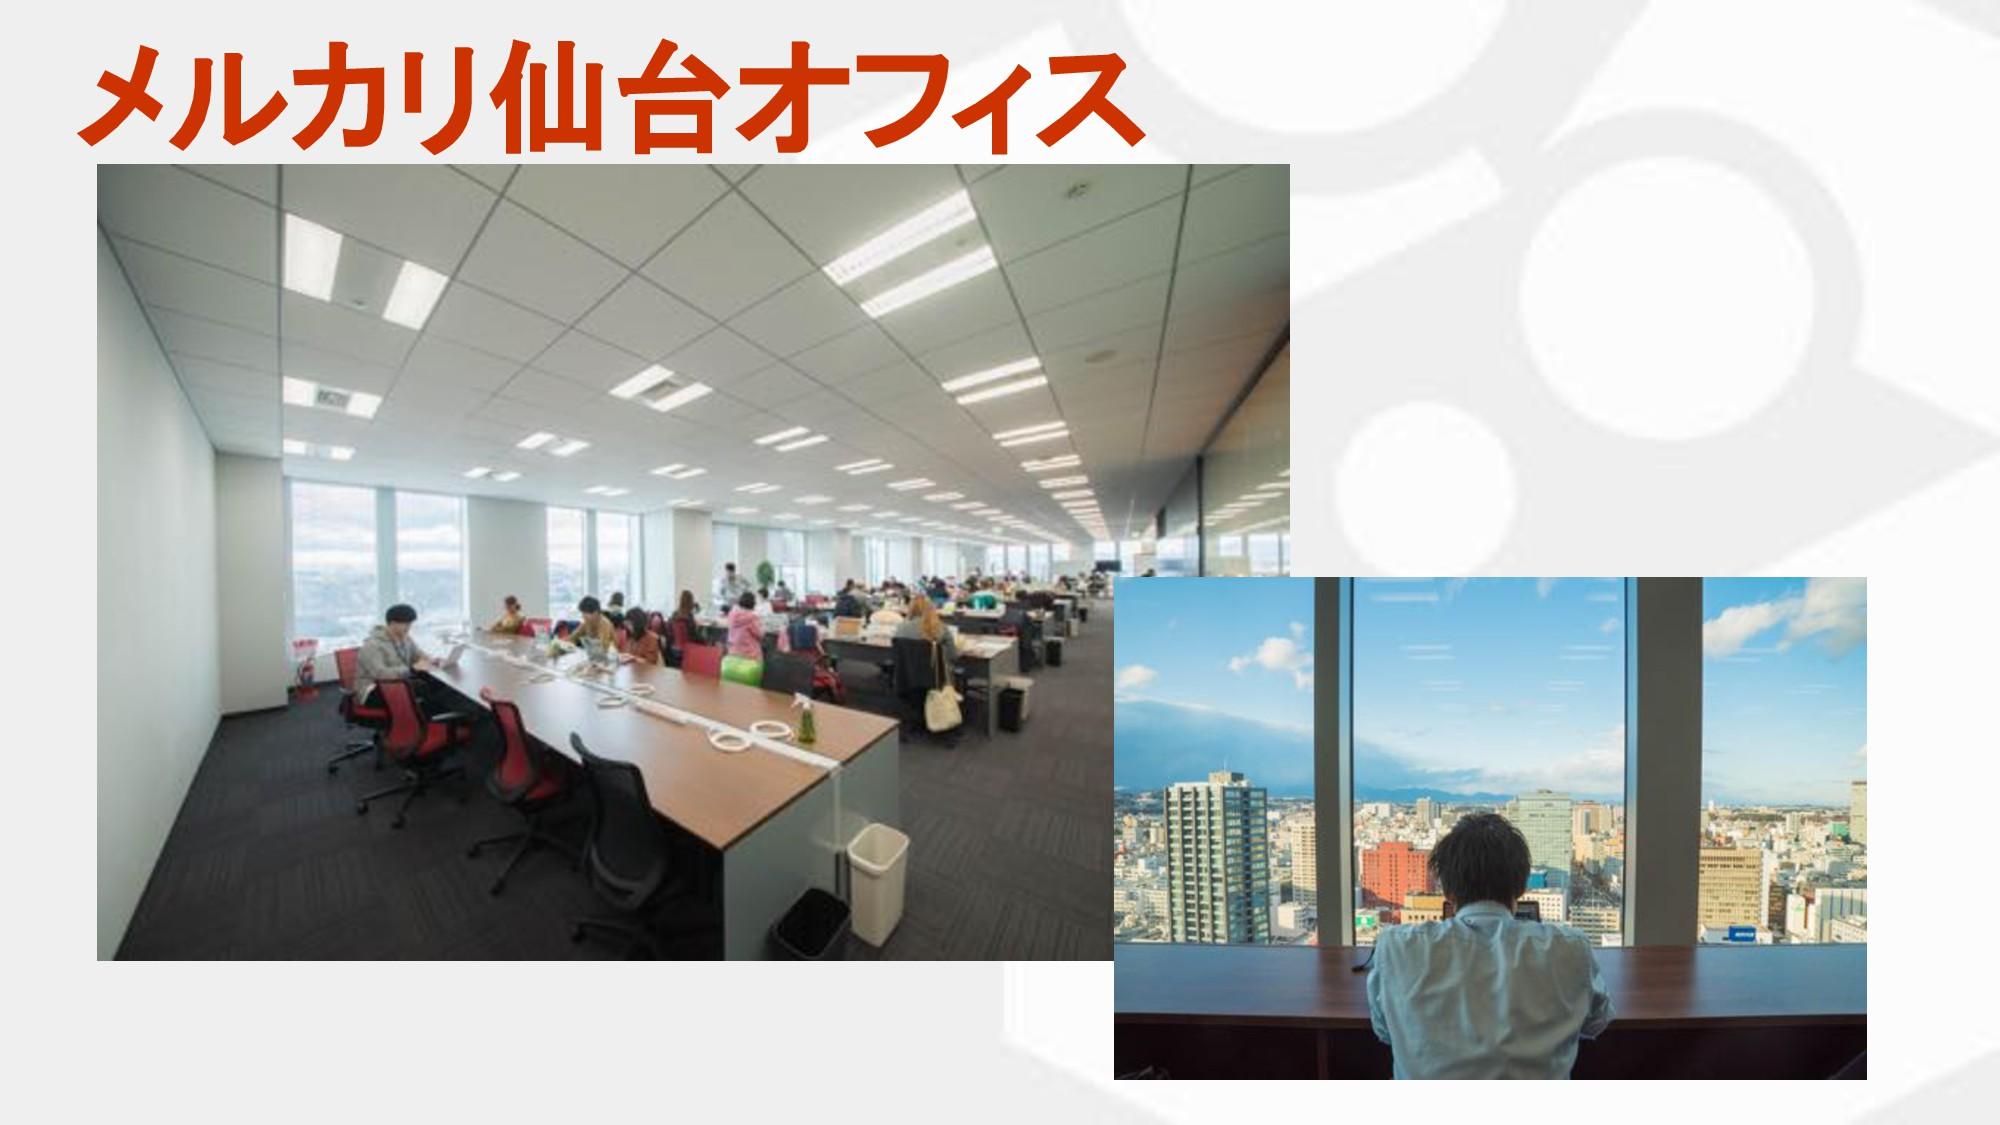 メルカリ仙台オフィス